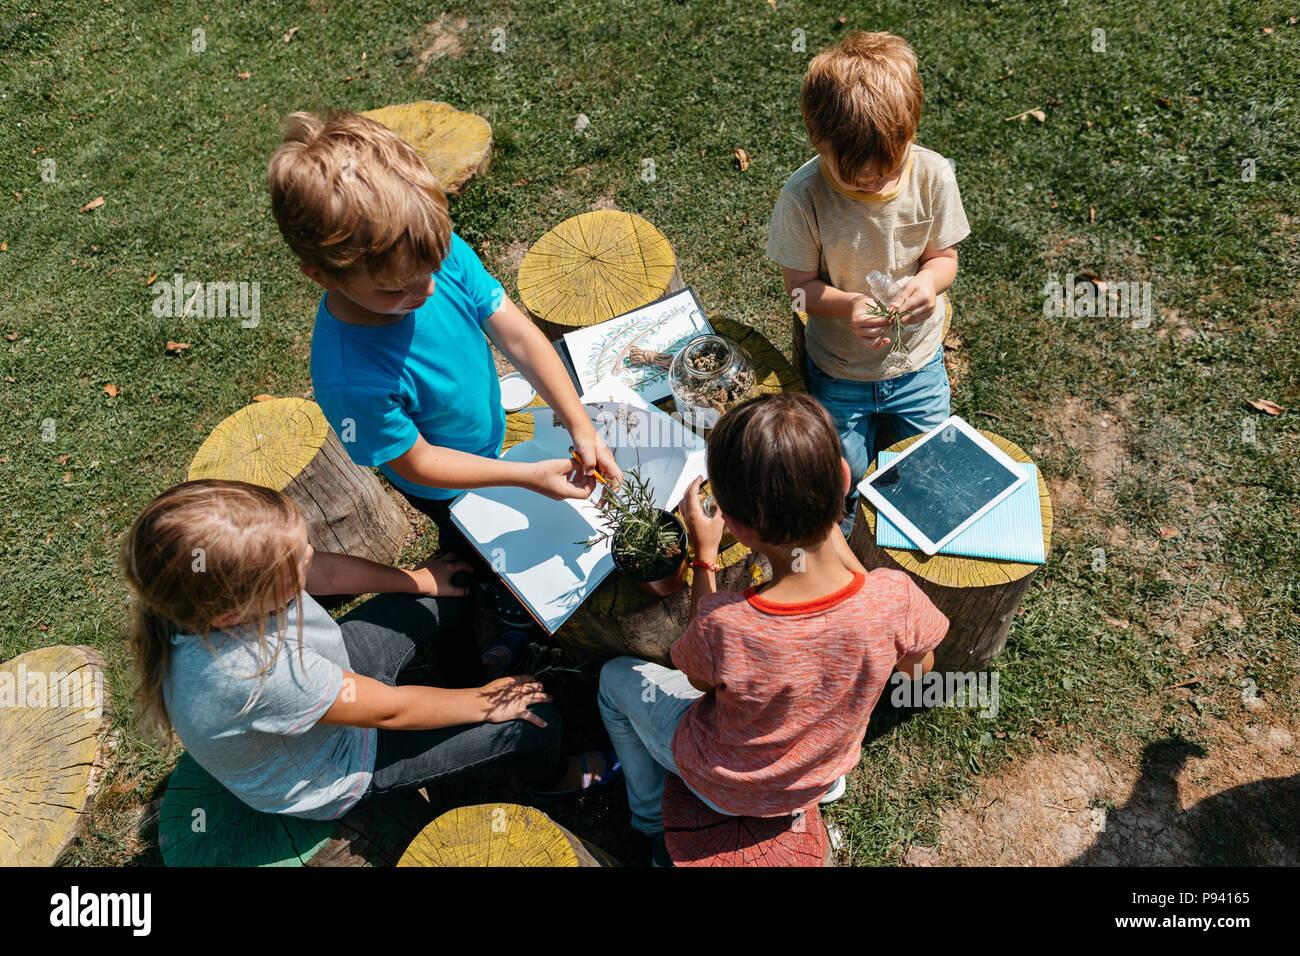 Gruppe von Mitschülern gemeinsam lernen im naturwissenschaftlichen Unterricht draußen im Garten. Blick von oben auf die Kinder gemeinsam an einem Schulprojekt. Stockbild